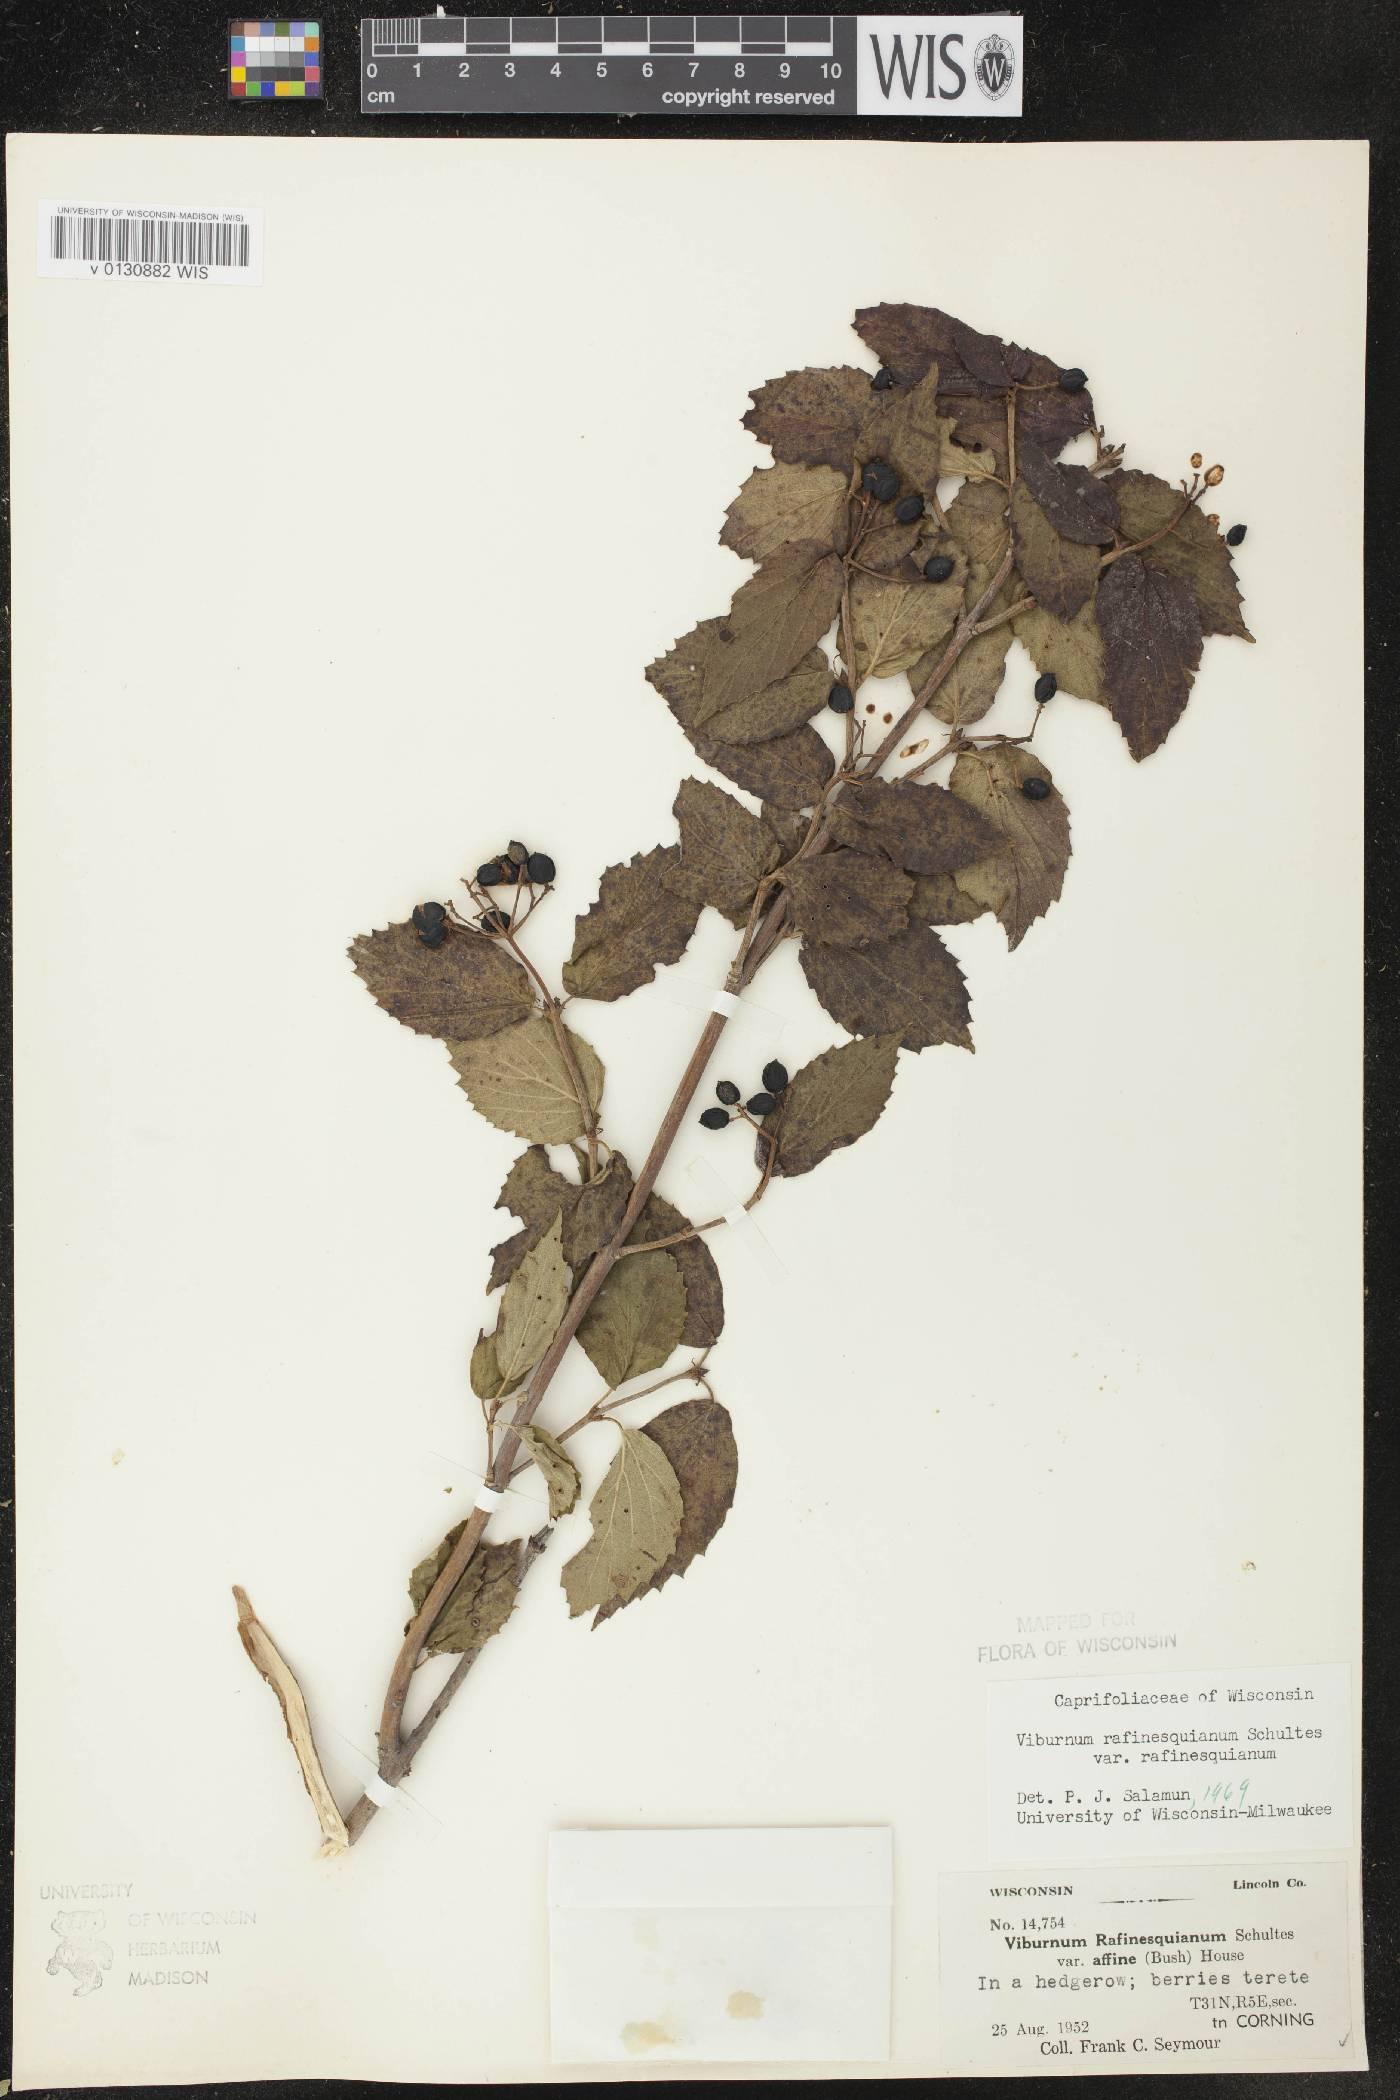 Viburnum rafinesquianum var. rafinesquianum image